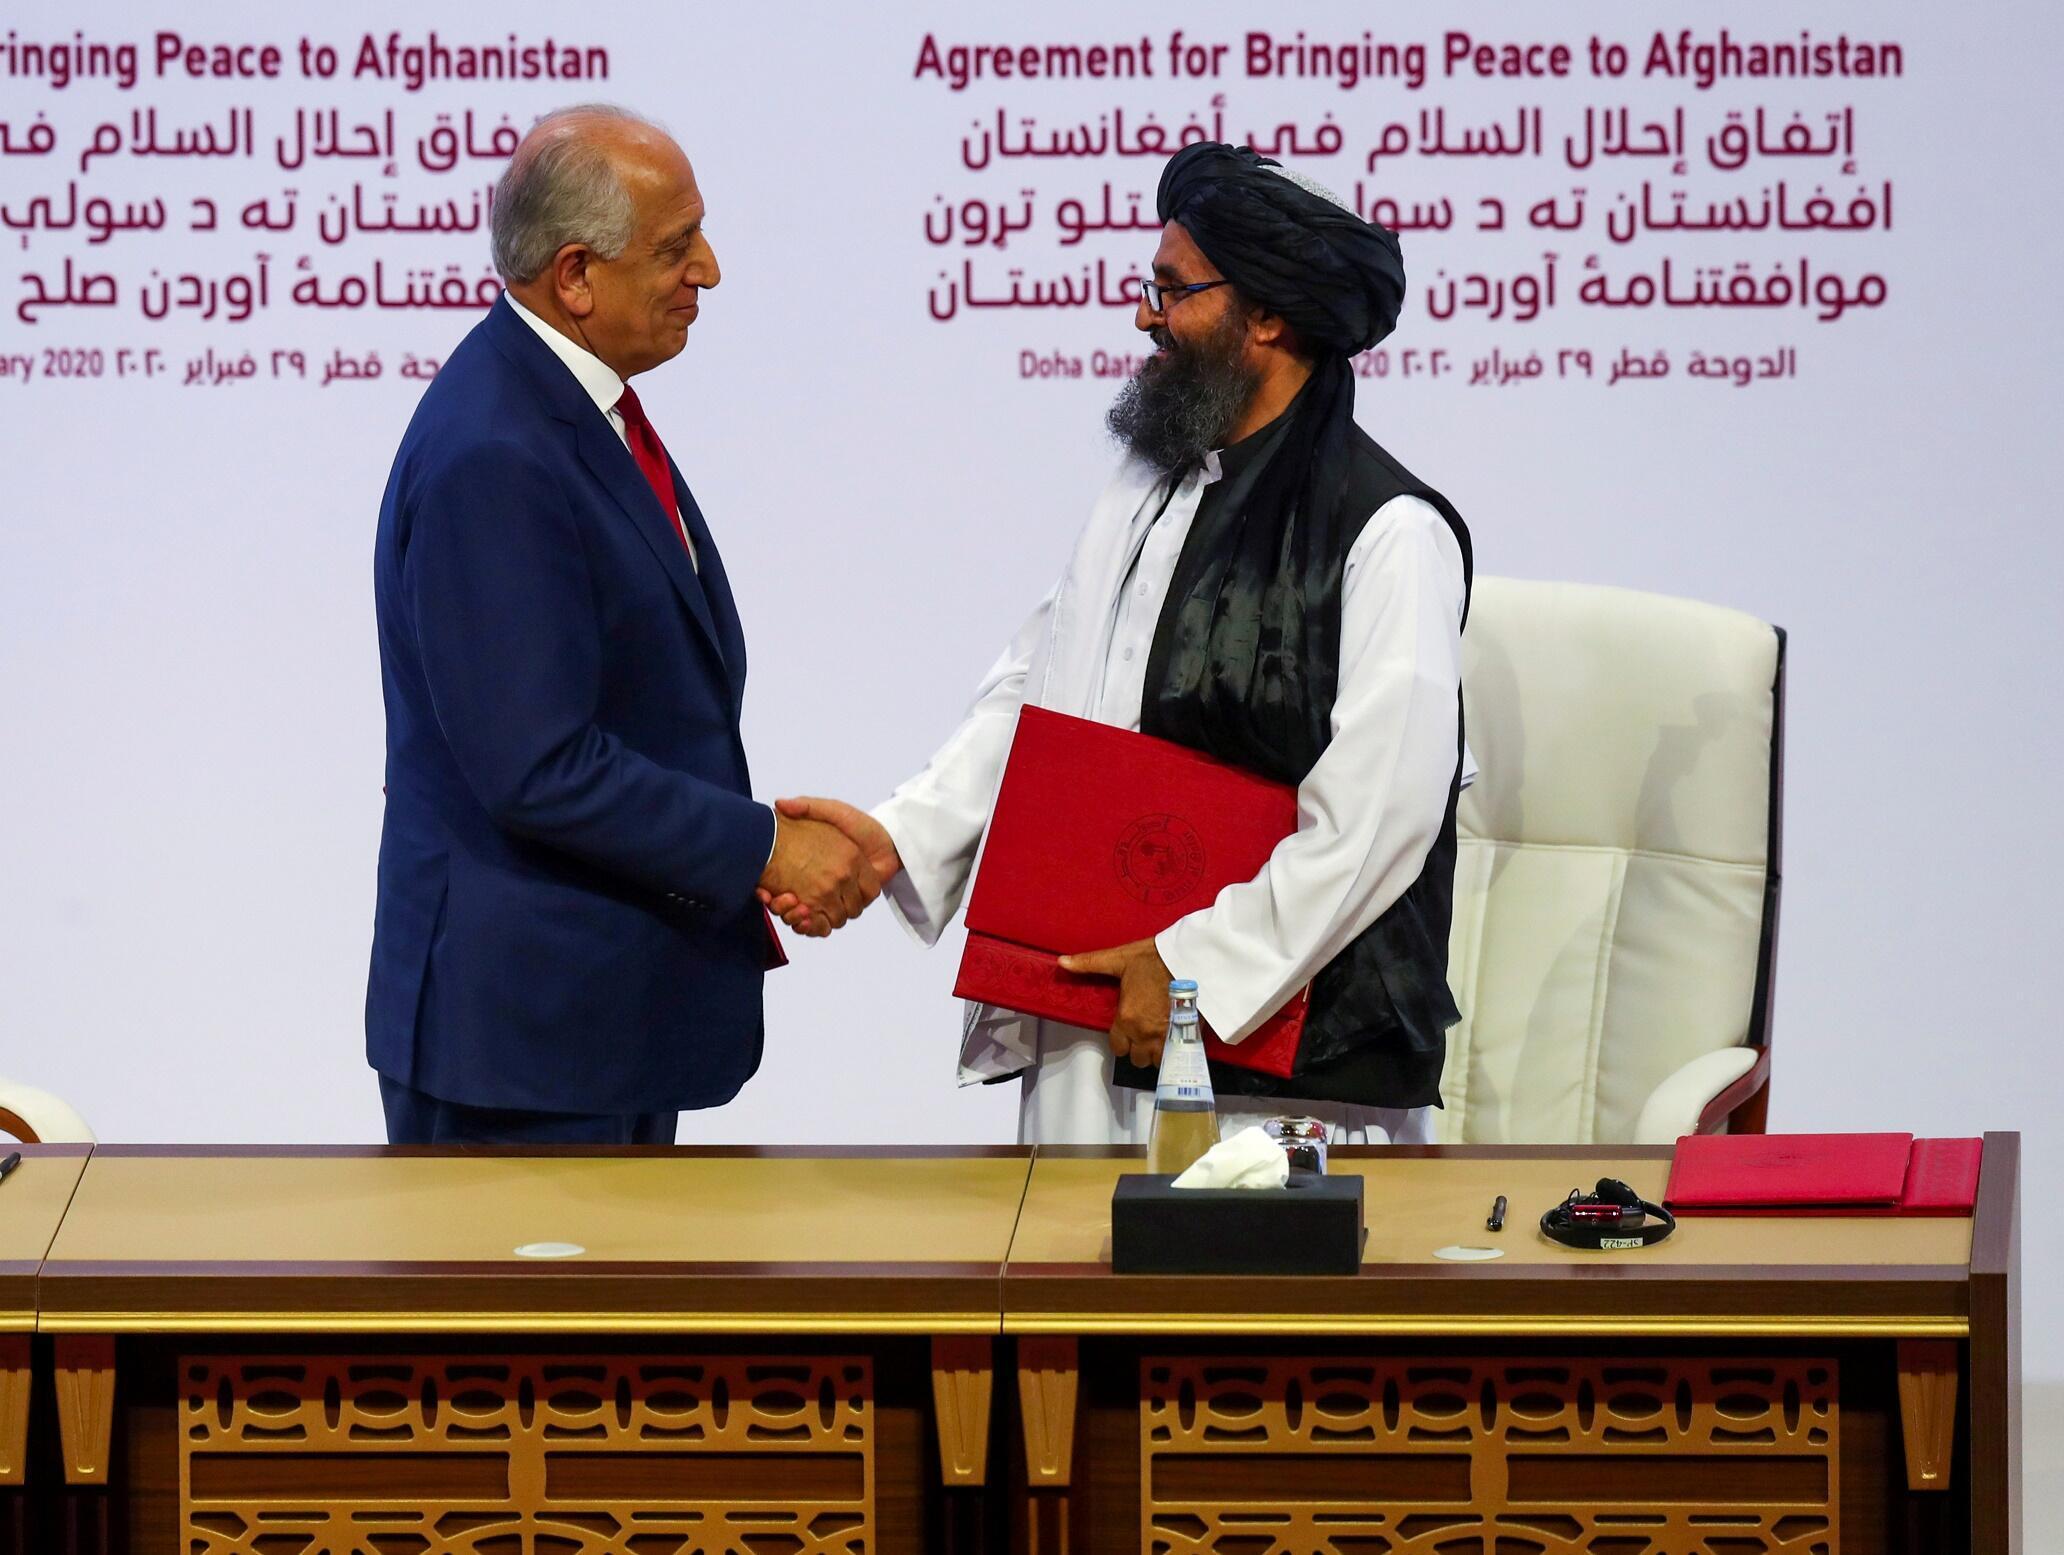 ملا عبدالغنی برادر، رئیس هیئت طالبان در گفتگوهای صلح دوحه، و زلمای خلیلزاد، نمایندۀ دولت آمریکا برای افغانستان پس از امضای توافق میان دو کشور